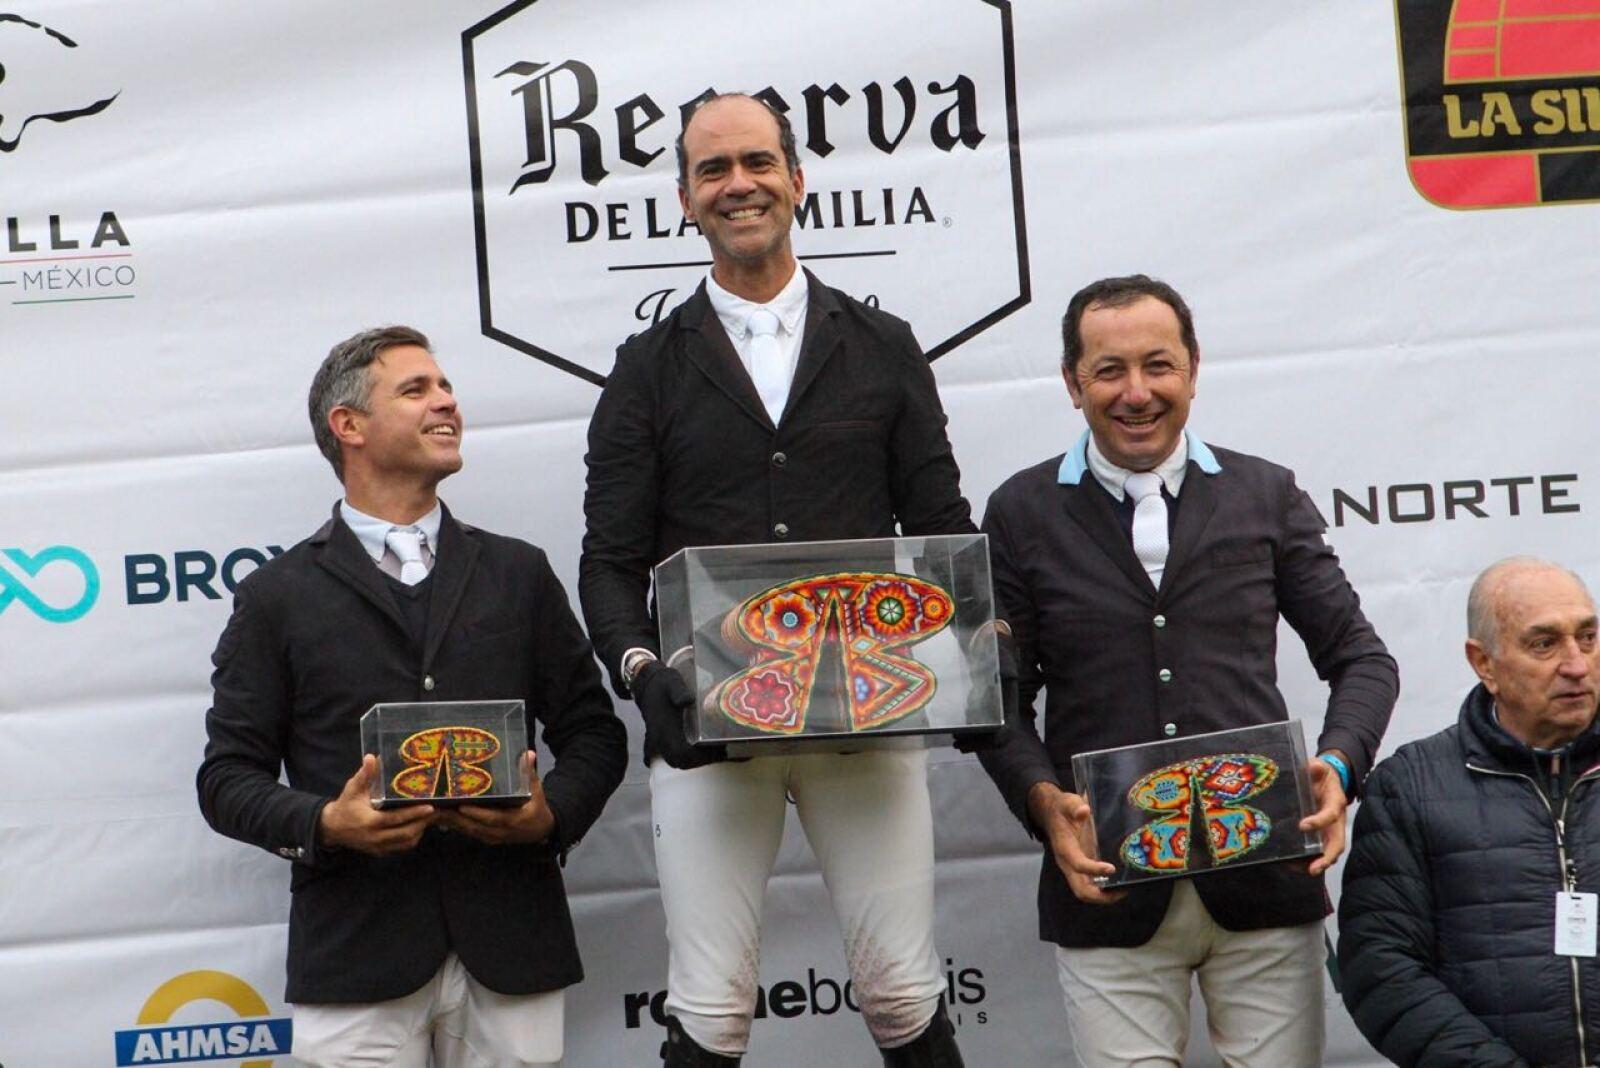 Gran Premio La Silla